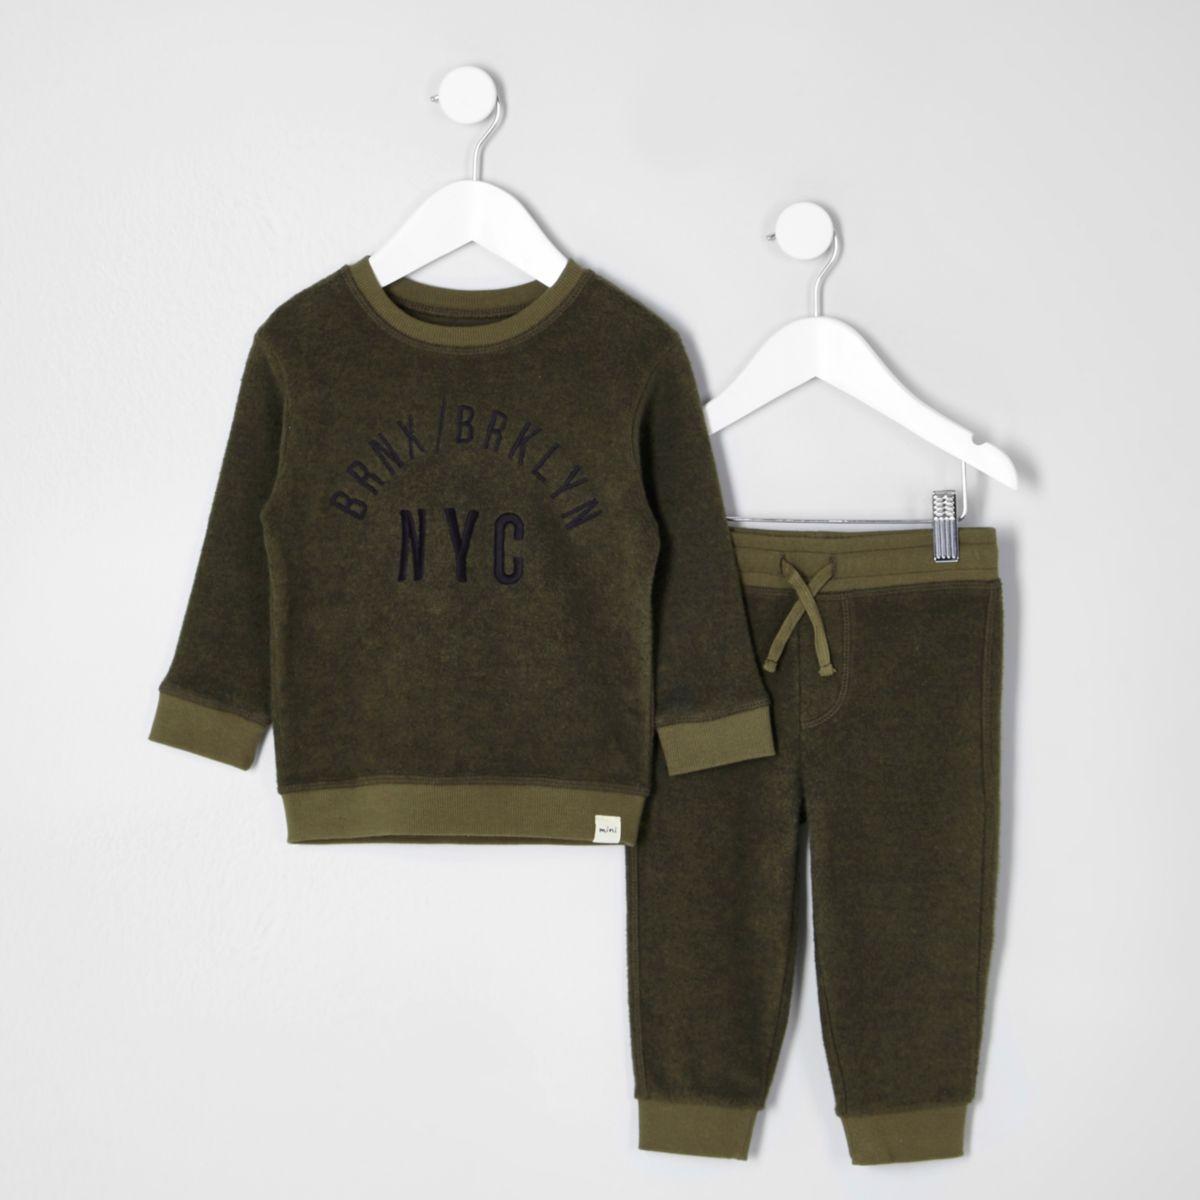 Mini boys  khaki felt 'NYC' sweatshirt outfit